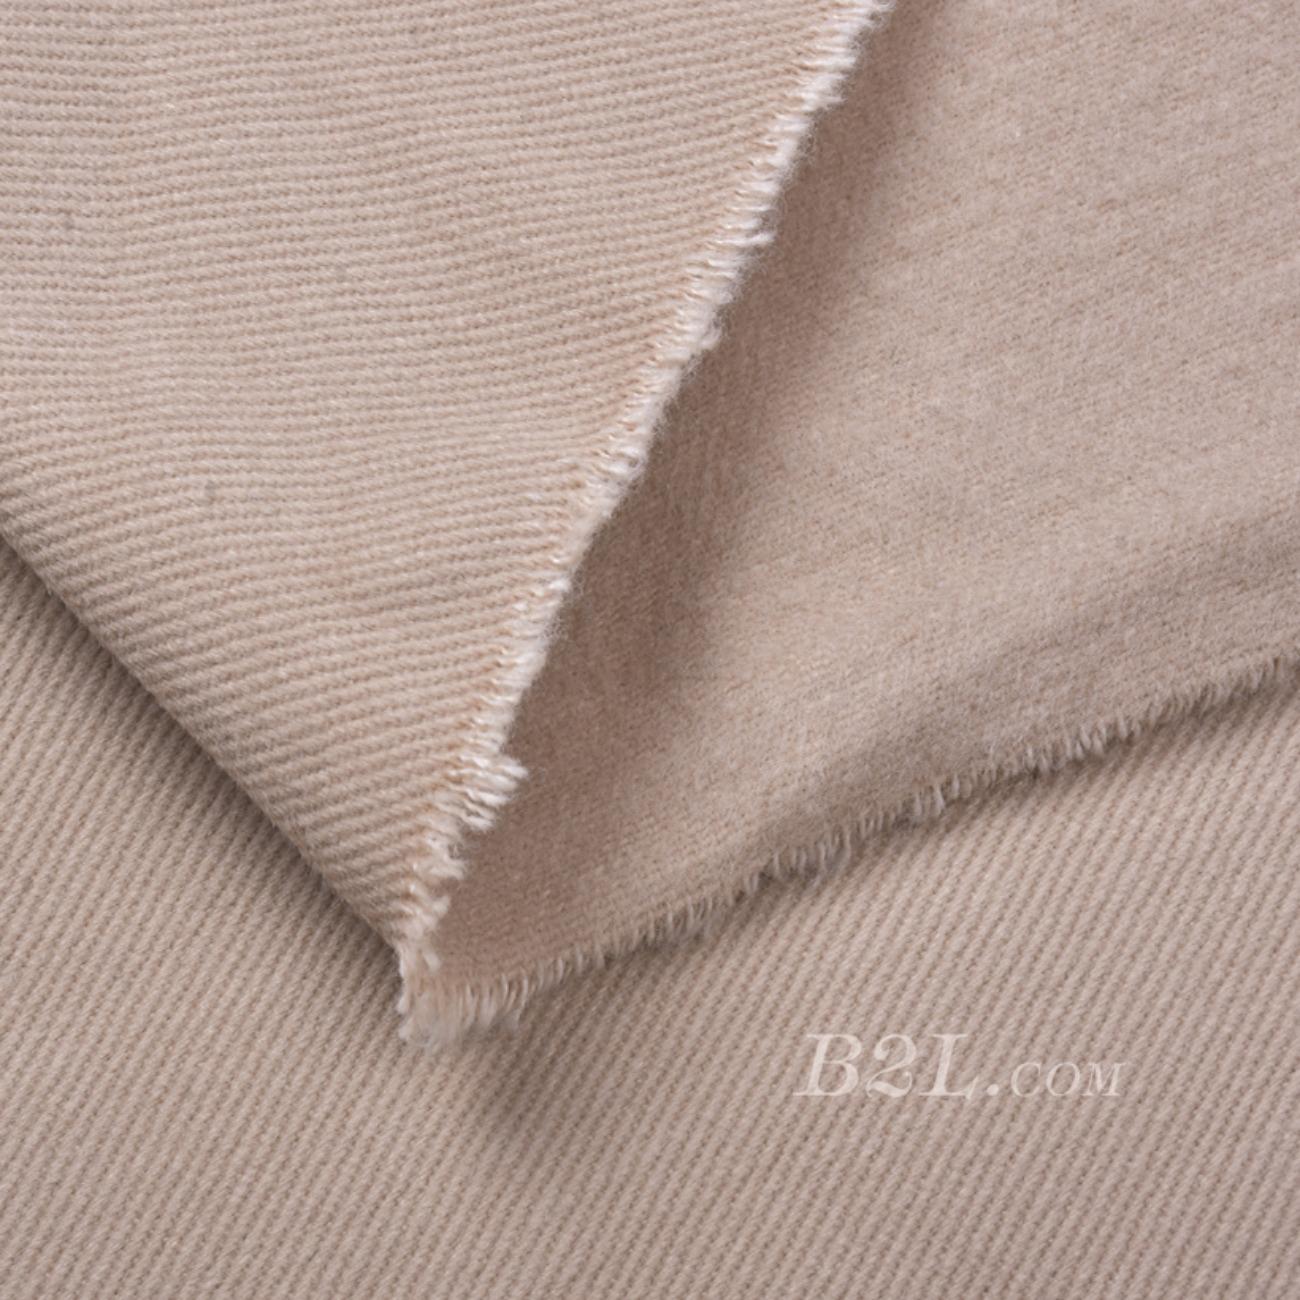 素色 针织 染色 弹力 斜纹 抓毛 春秋 外套 裤装 女装 卫衣 91015-20